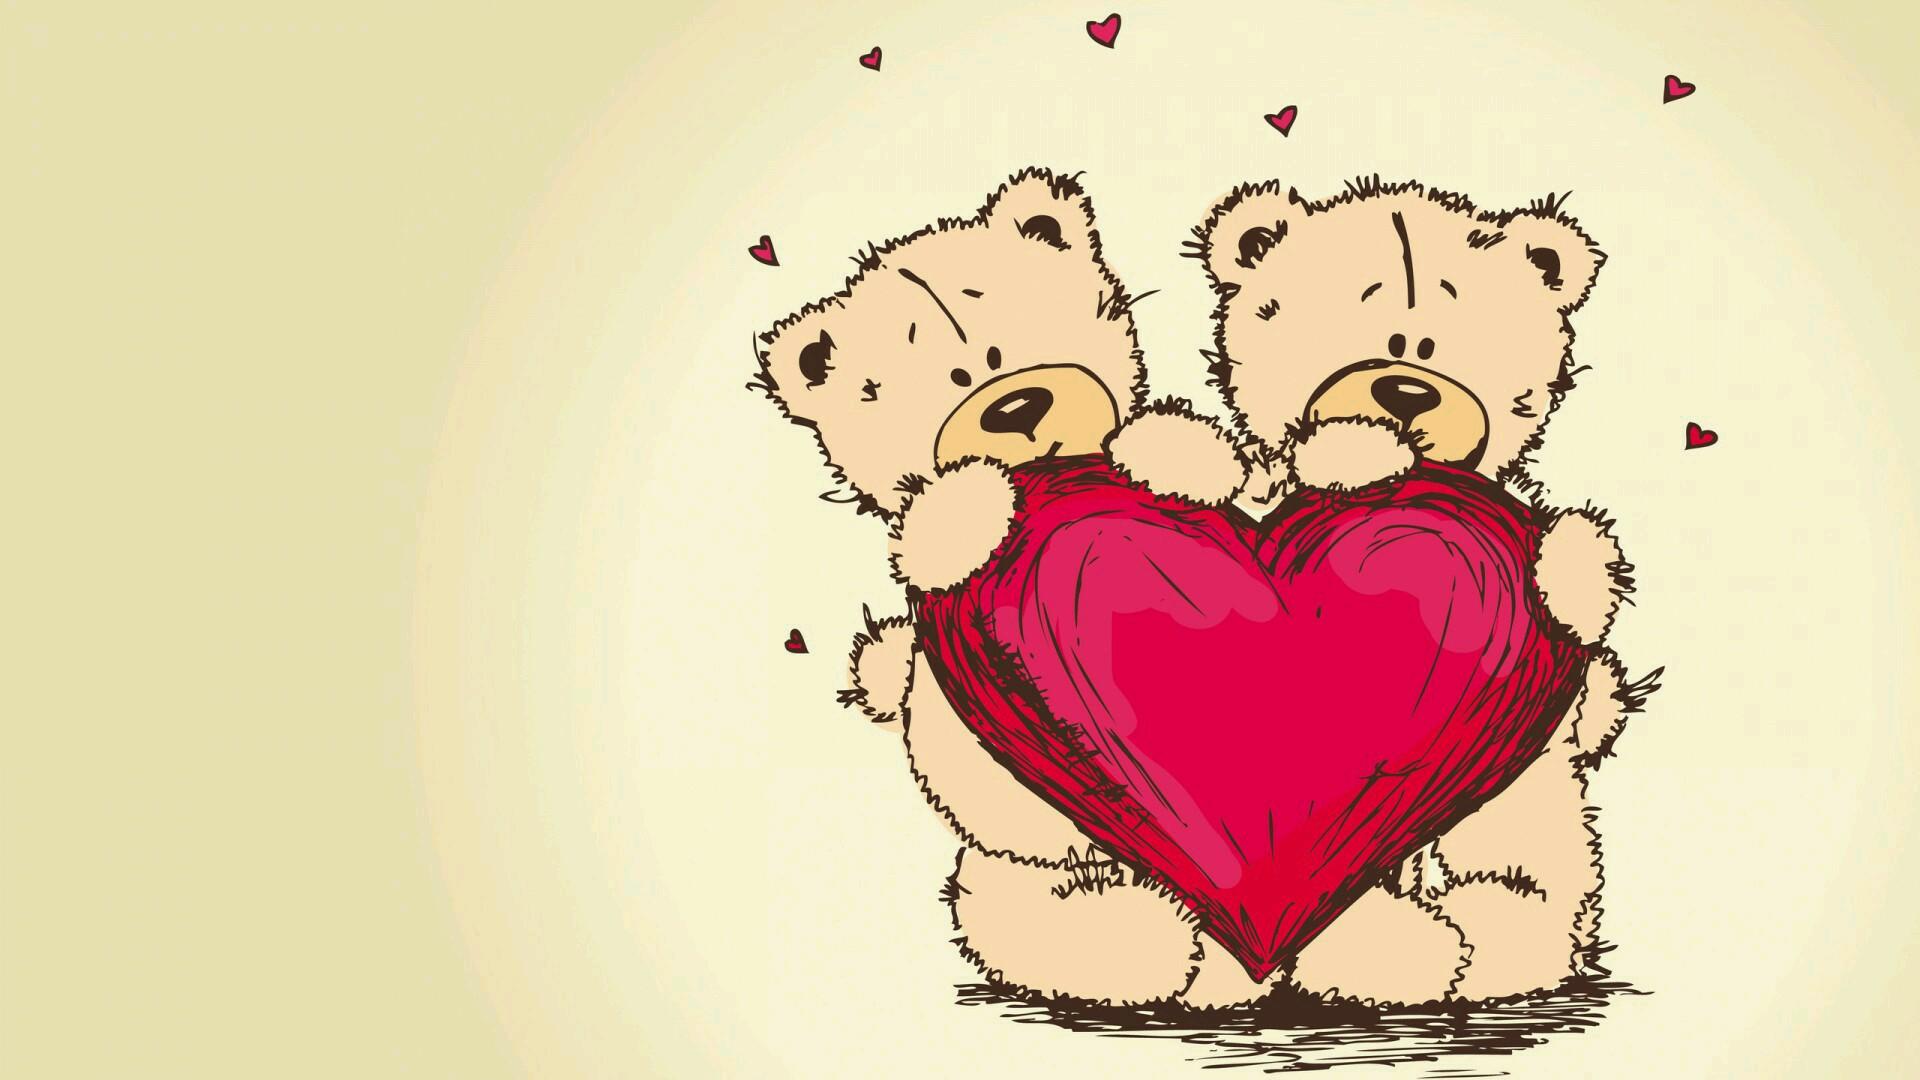 تصویر خرس قلبی